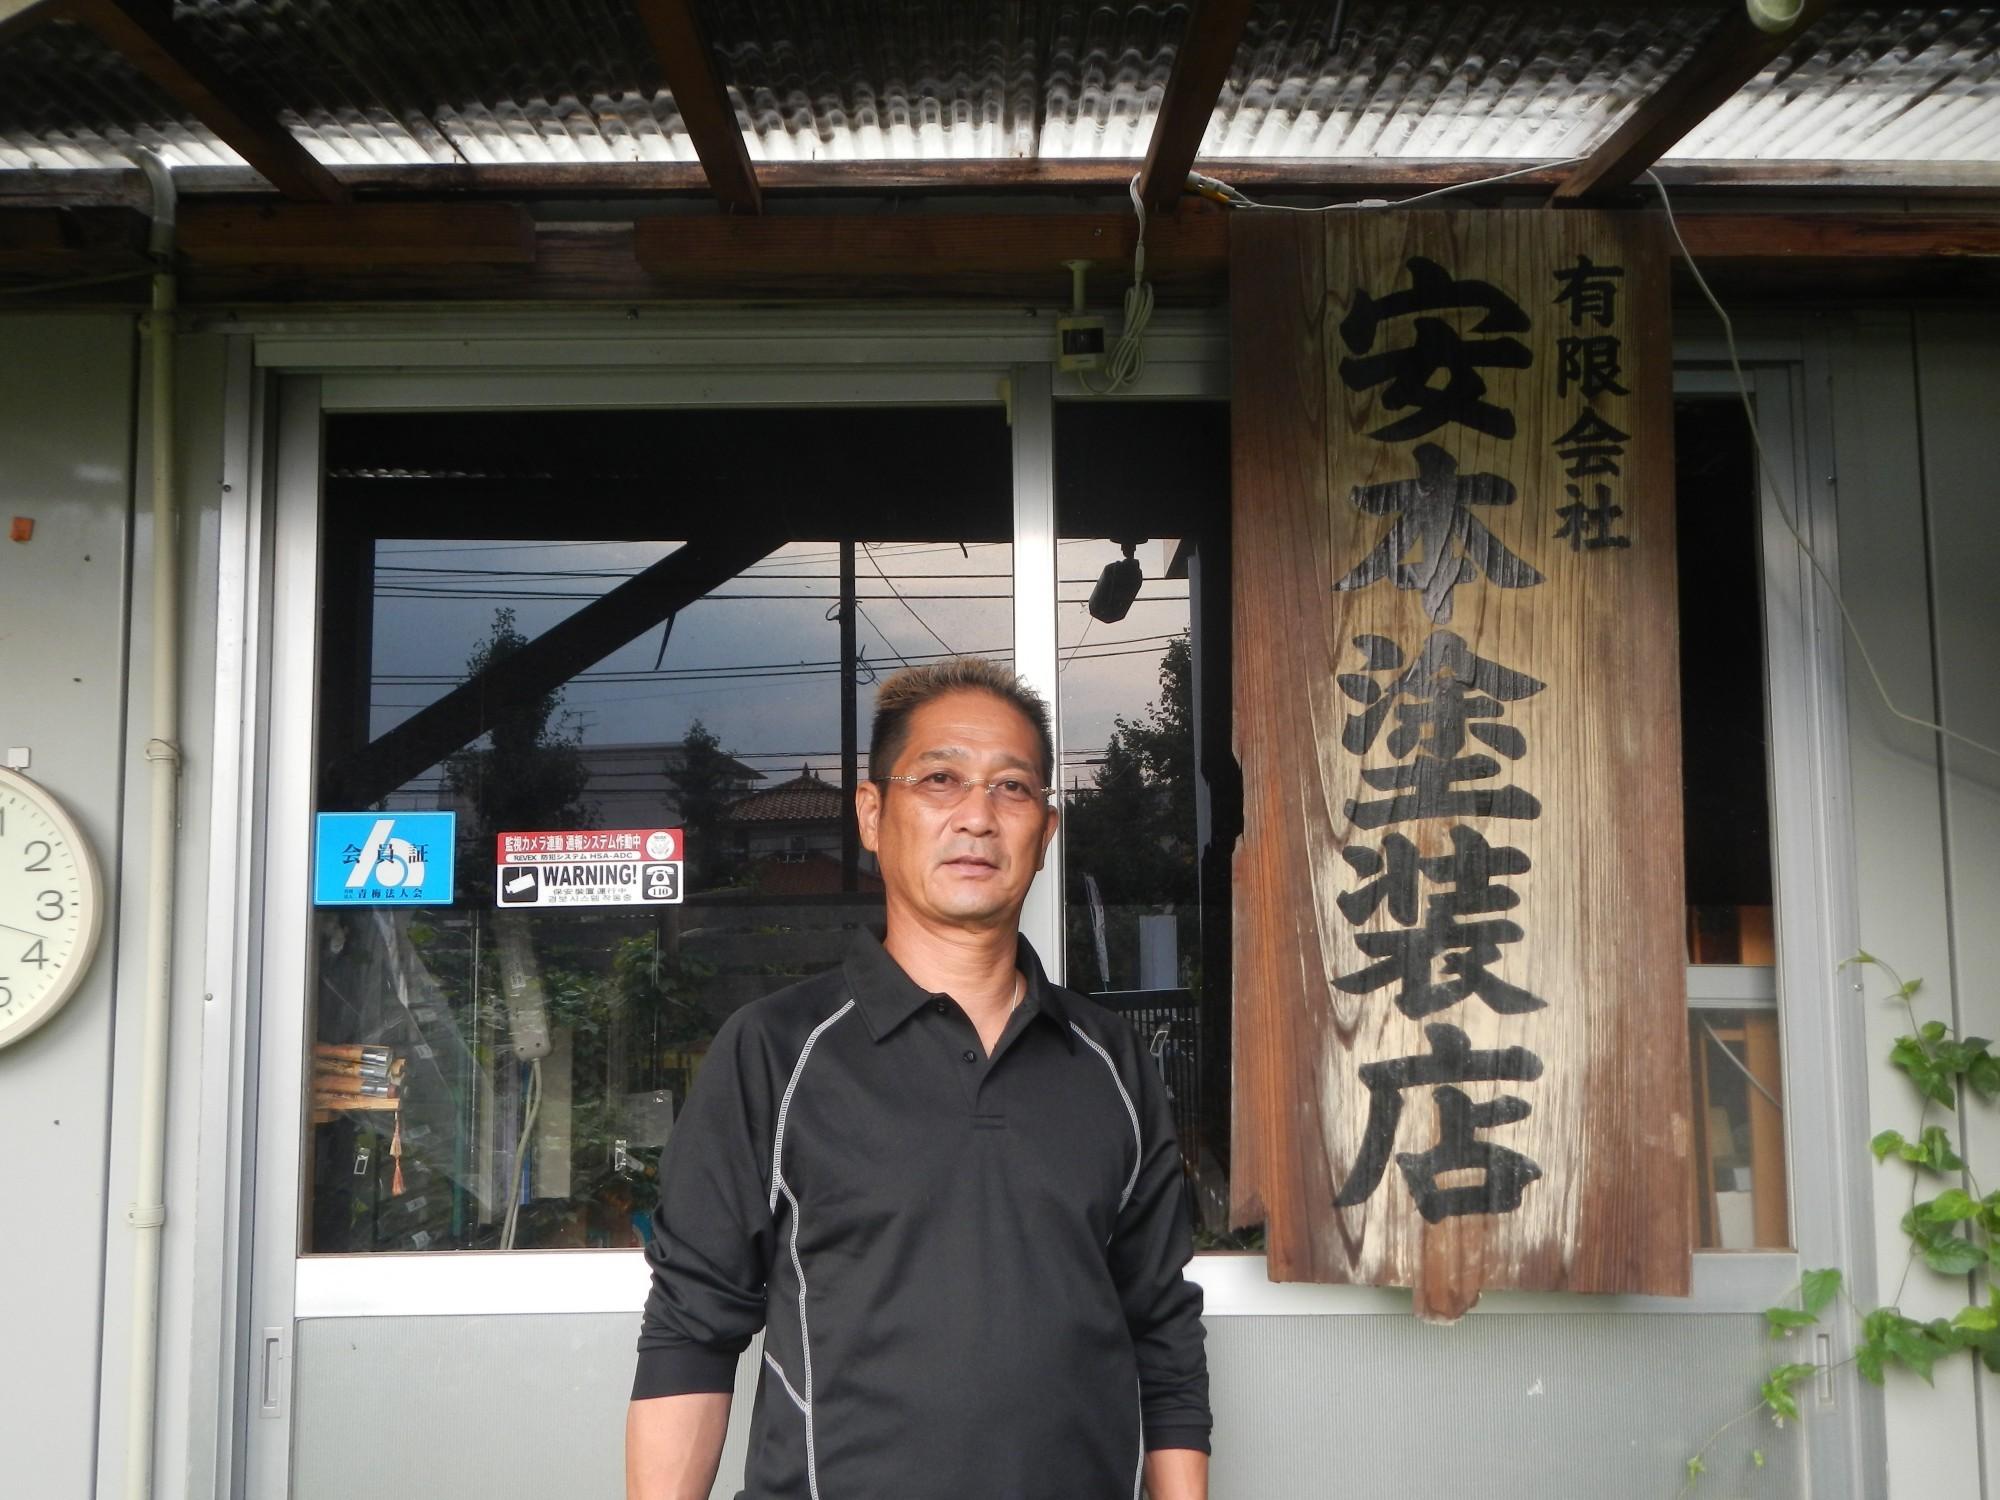 有限会社安本塗装店の代表者写真